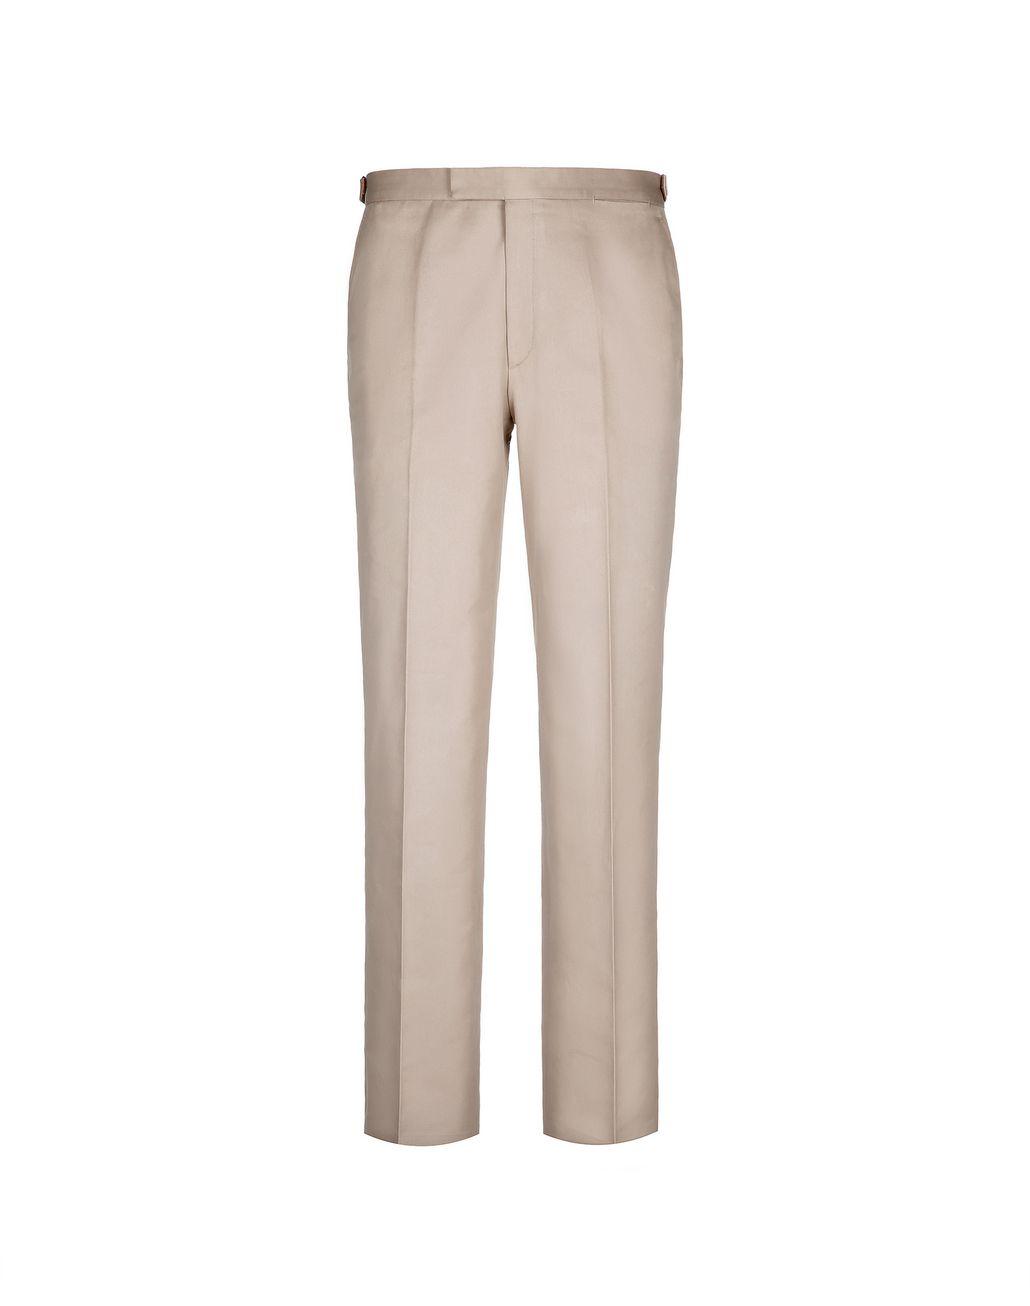 BRIONI Pantalon chino beige Pantalon [*** pickupInStoreShippingNotGuaranteed_info ***] f